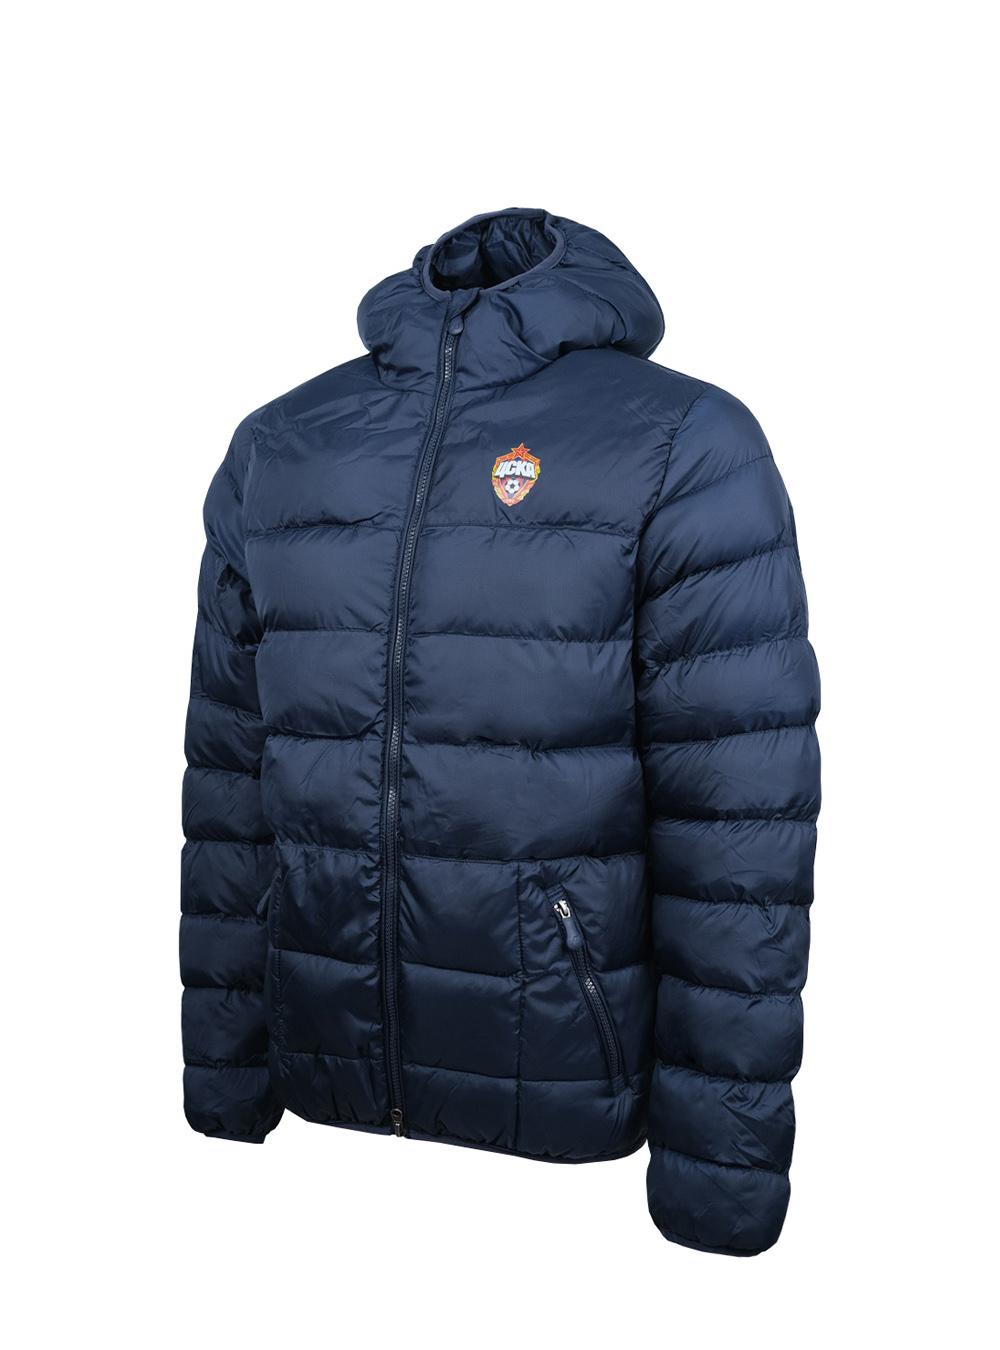 Куртка утеплённая, цвет тёмно-синий (S) фото